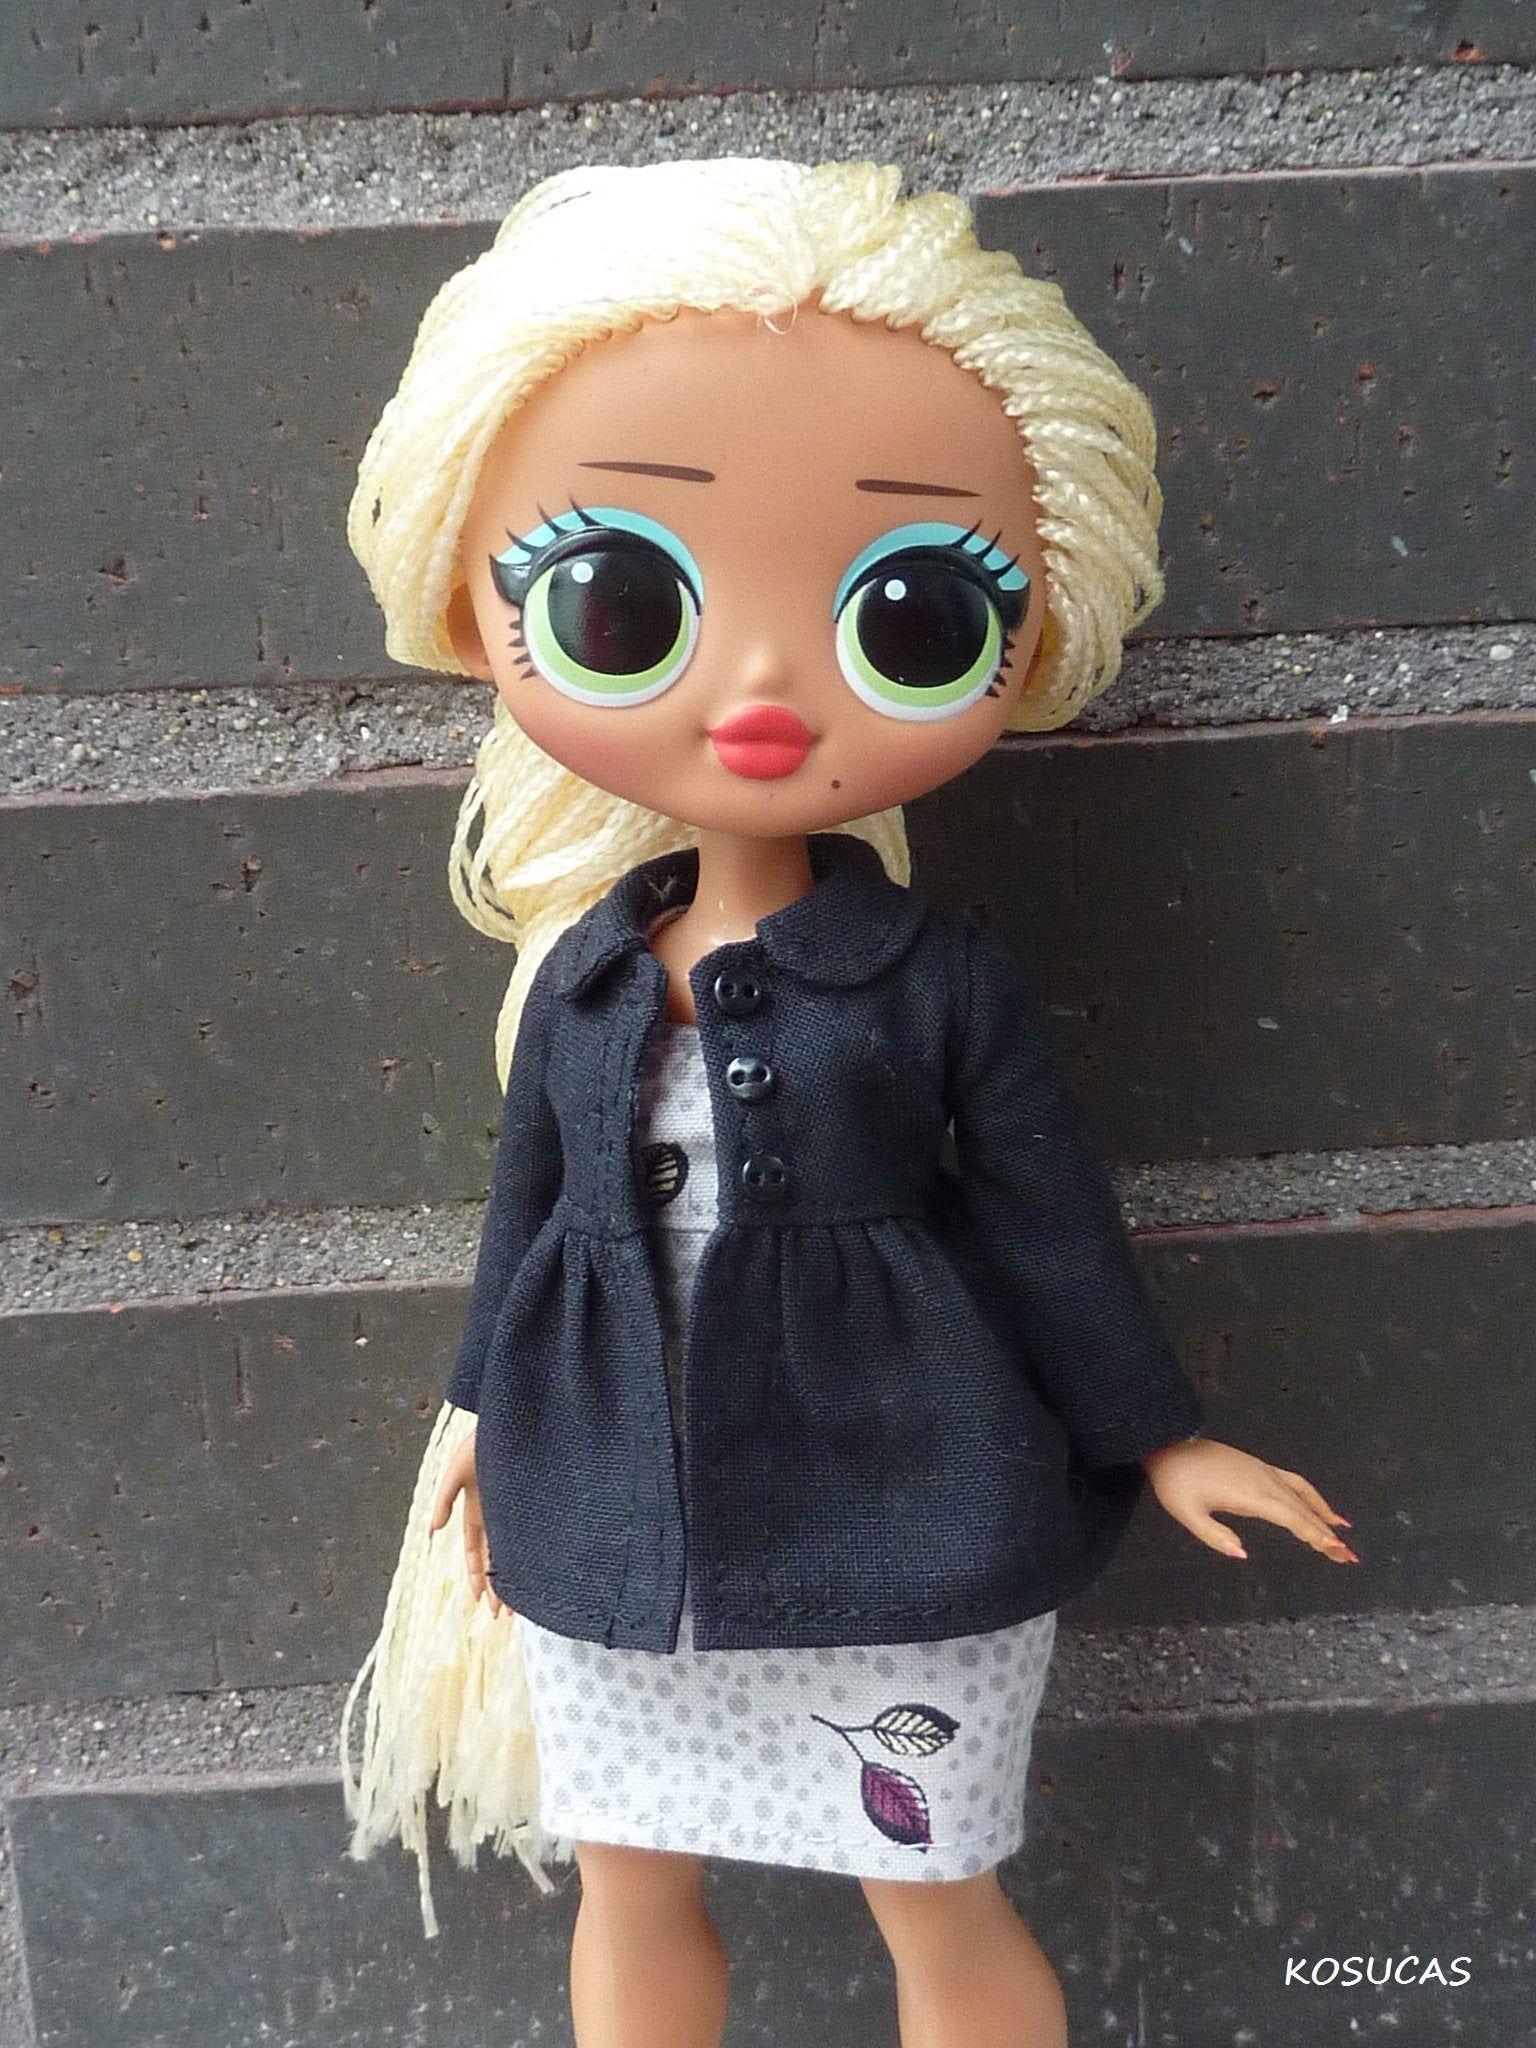 Outfit For Lol Omg Dolls Lol Dolls Squishies Kawaii Dolls Clothes Diy